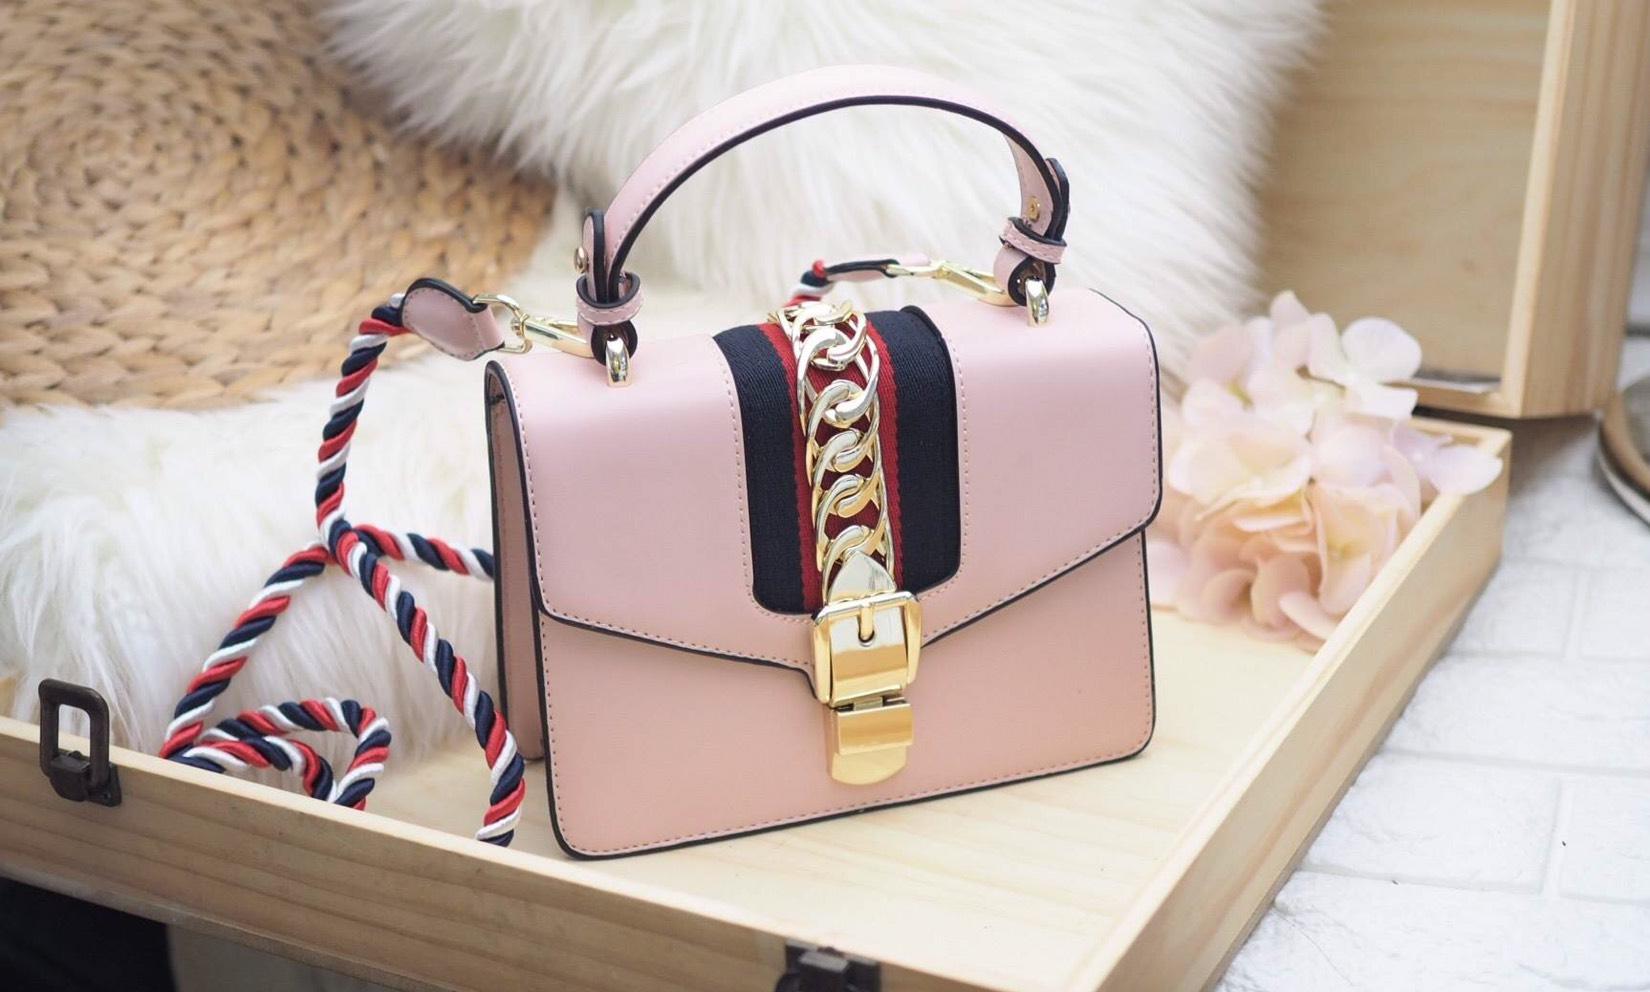 กระเป๋า Fashion แบบ Gucci NO Logoงานเป๊ะปังอลังเว่อร์